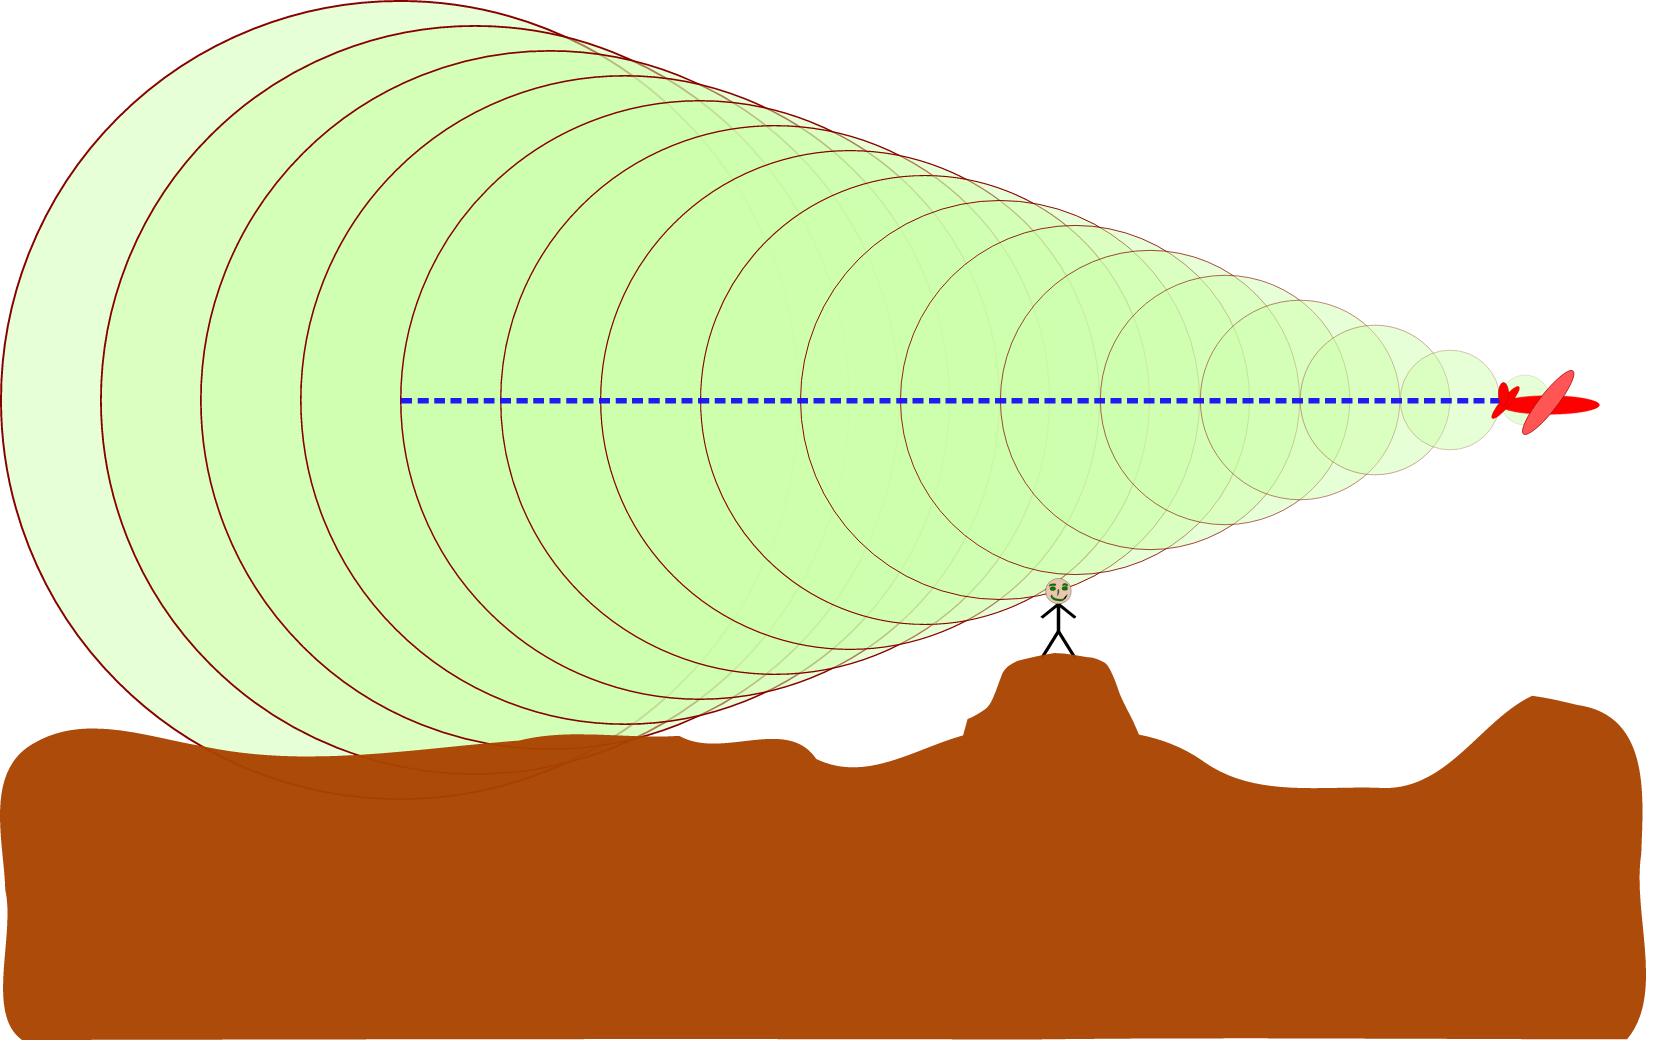 НАСА создаёт тихий сверхзвуковой лайнер с «мягким» звуковым ударом - 2